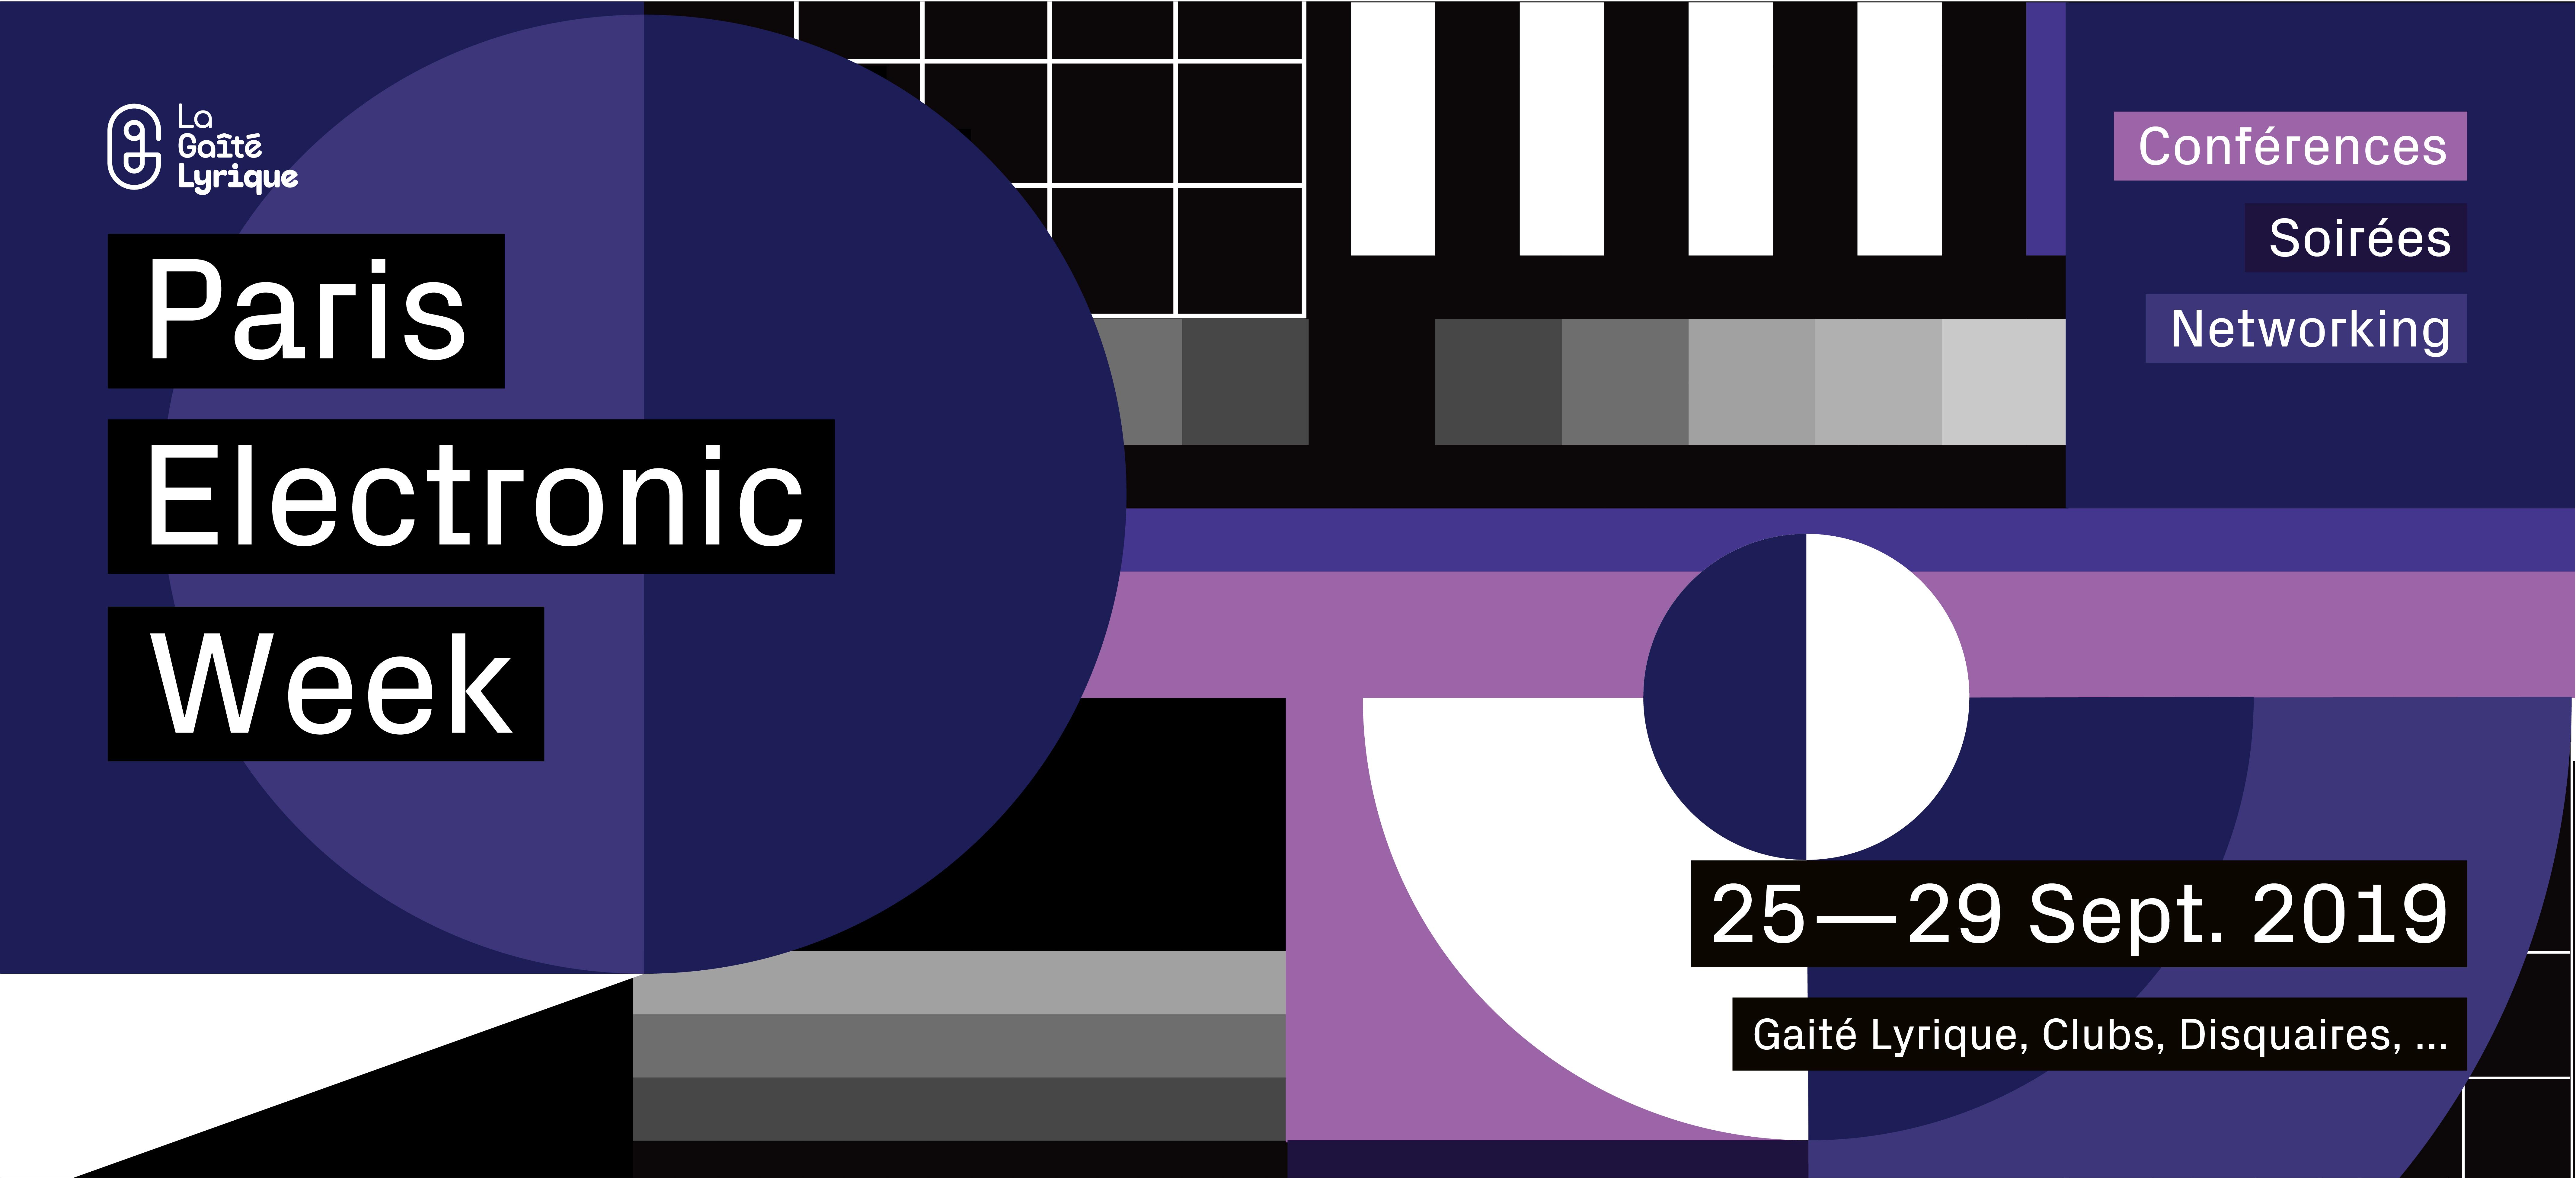 Paris Electronic Week 2019